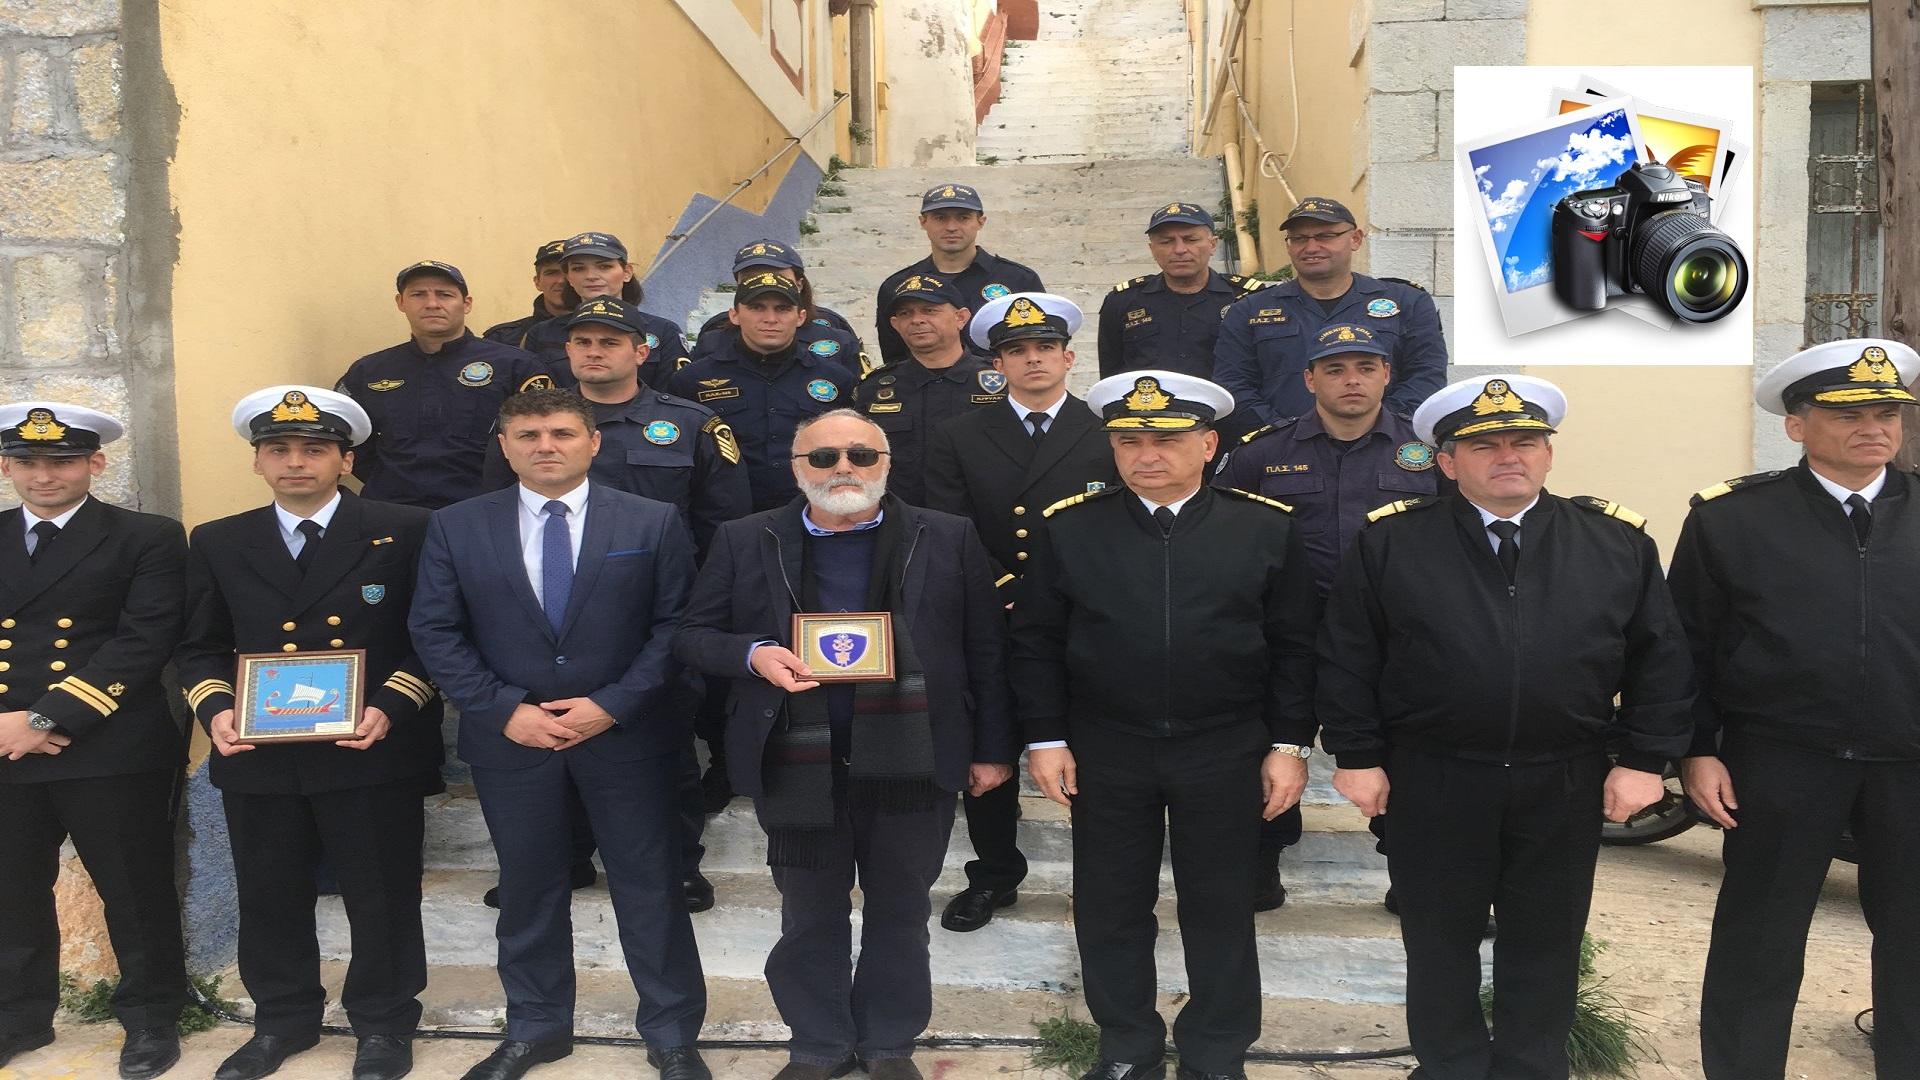 Επισκέψεις του Υπουργού Ναυτιλίας και Νησιωτικής Πολιτικής Παναγιώτη Κουρουμπλή σε Καστελλόριζο , Ρω , Σύμη και  Στρογγυλή , σήμερα Καθαρά Δευτέρα